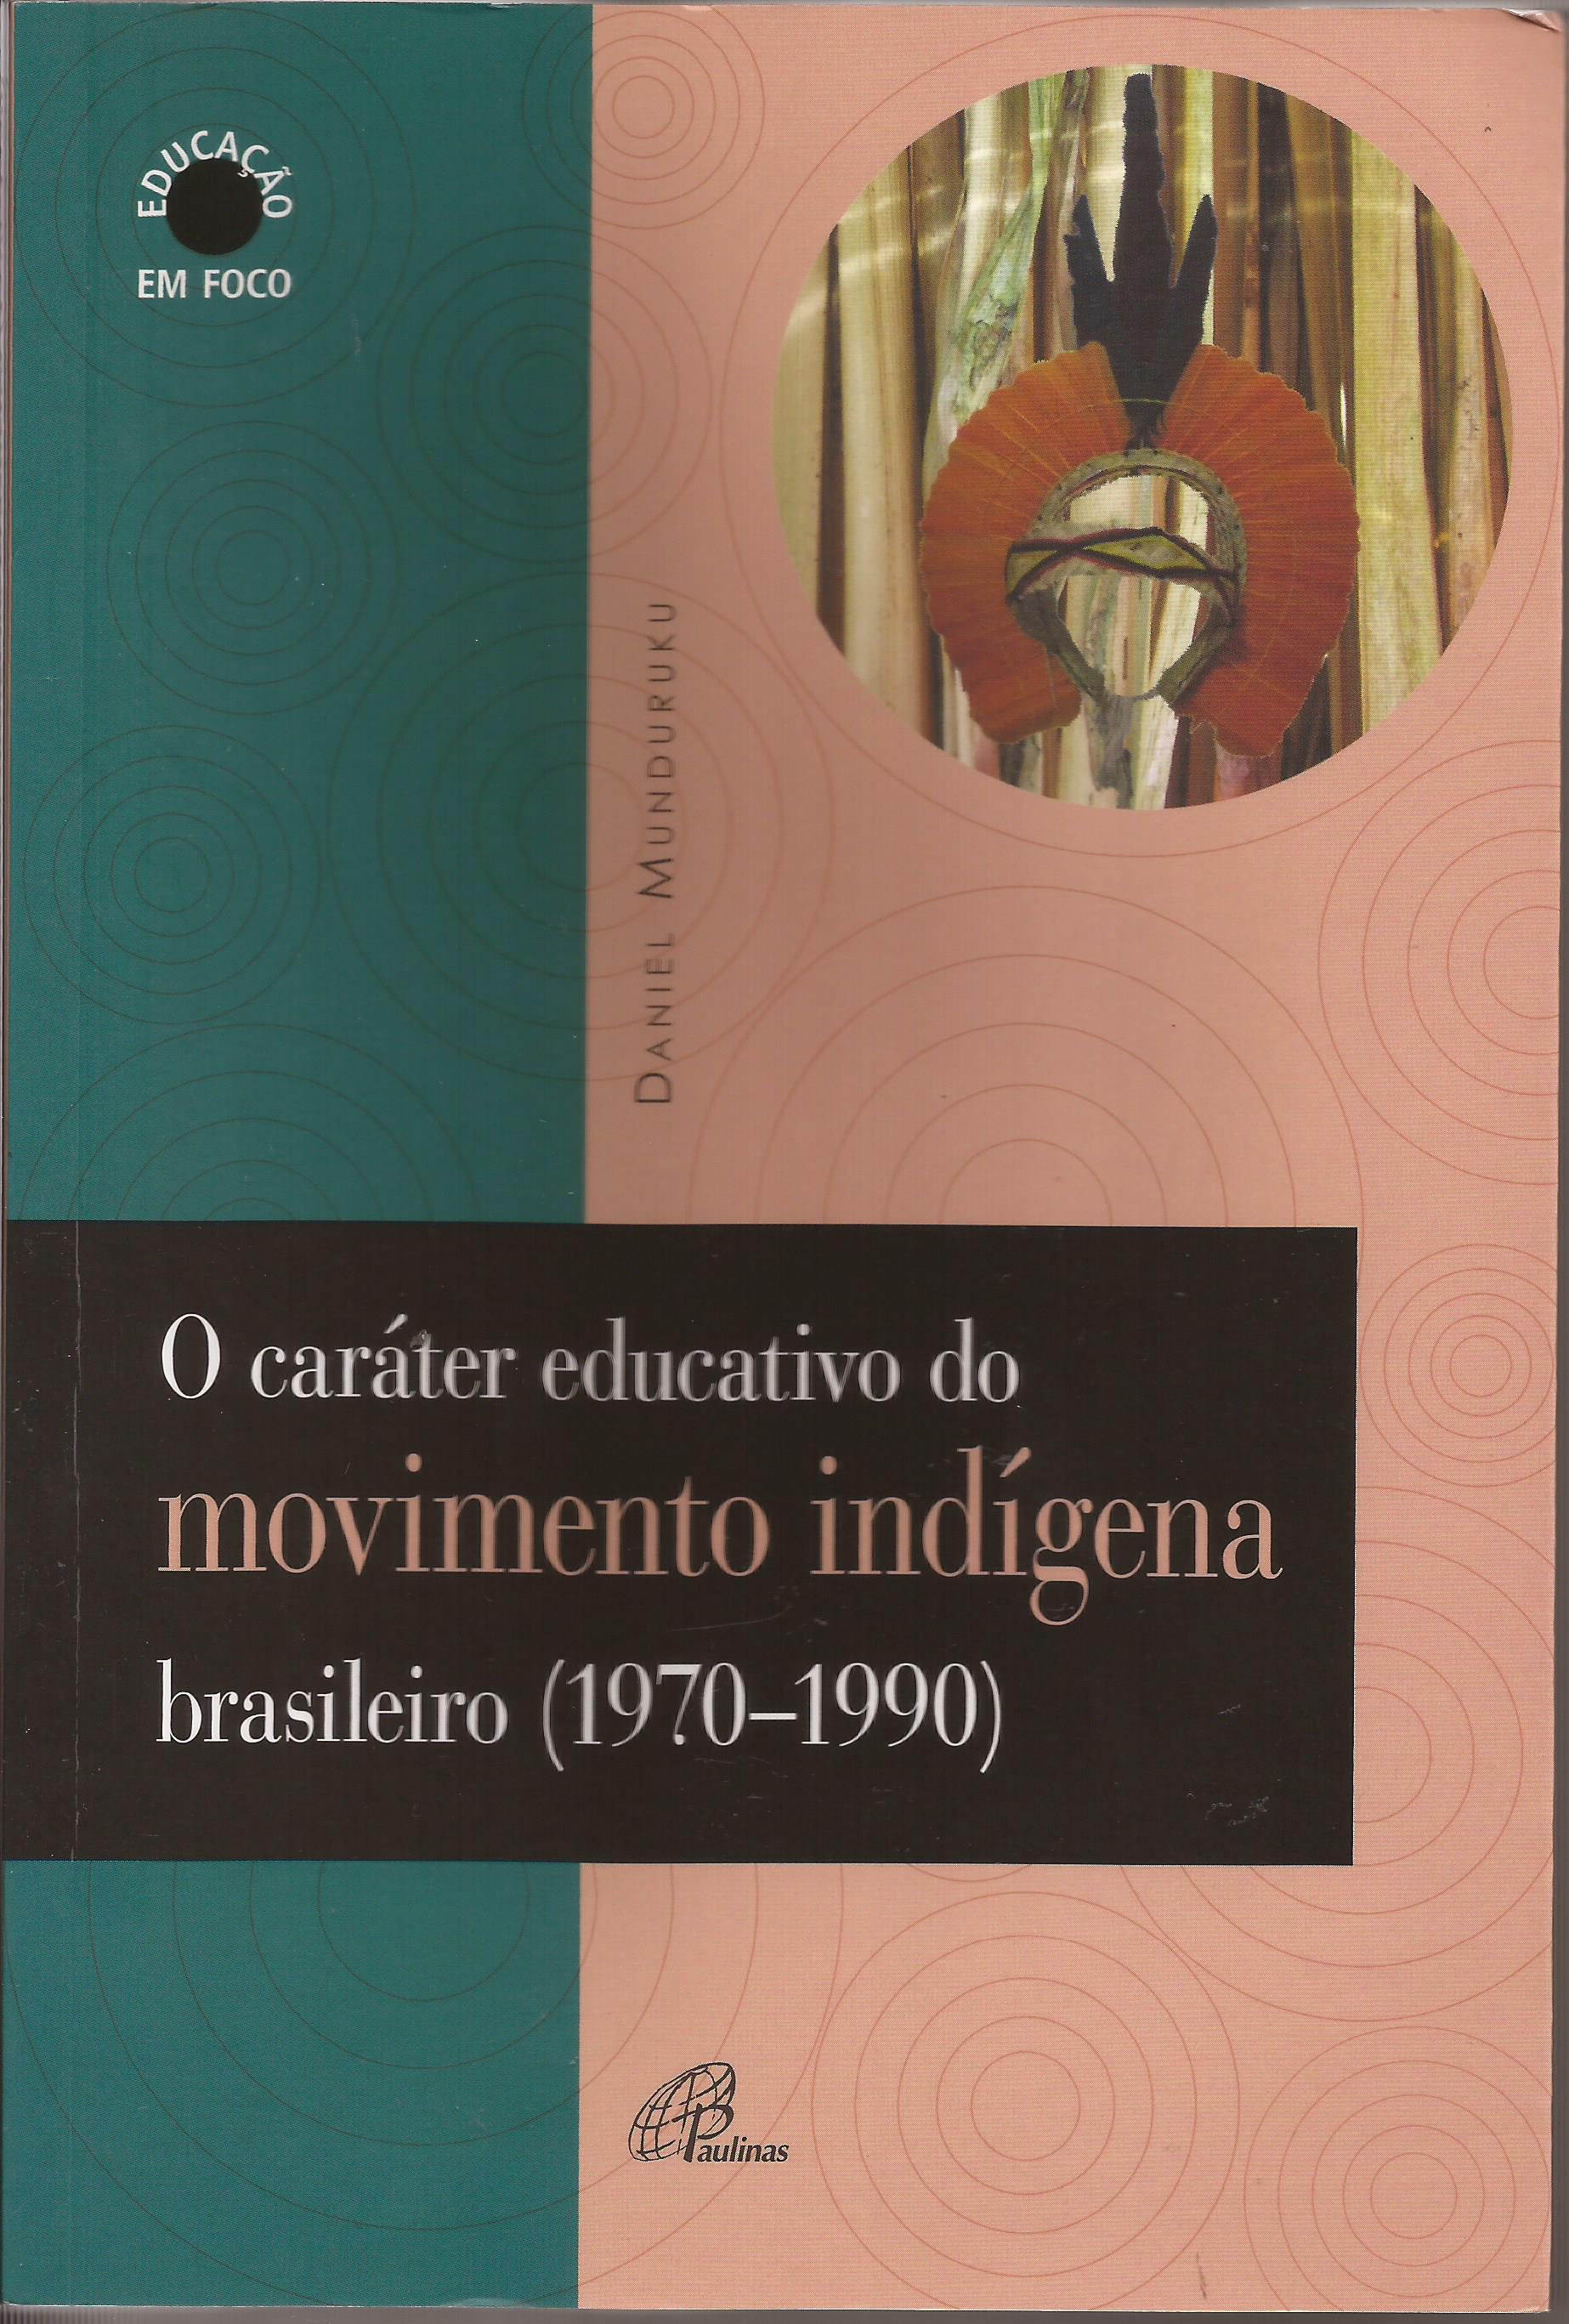 O caráter educativo do movimento indígena brasileiro (1970-1990)